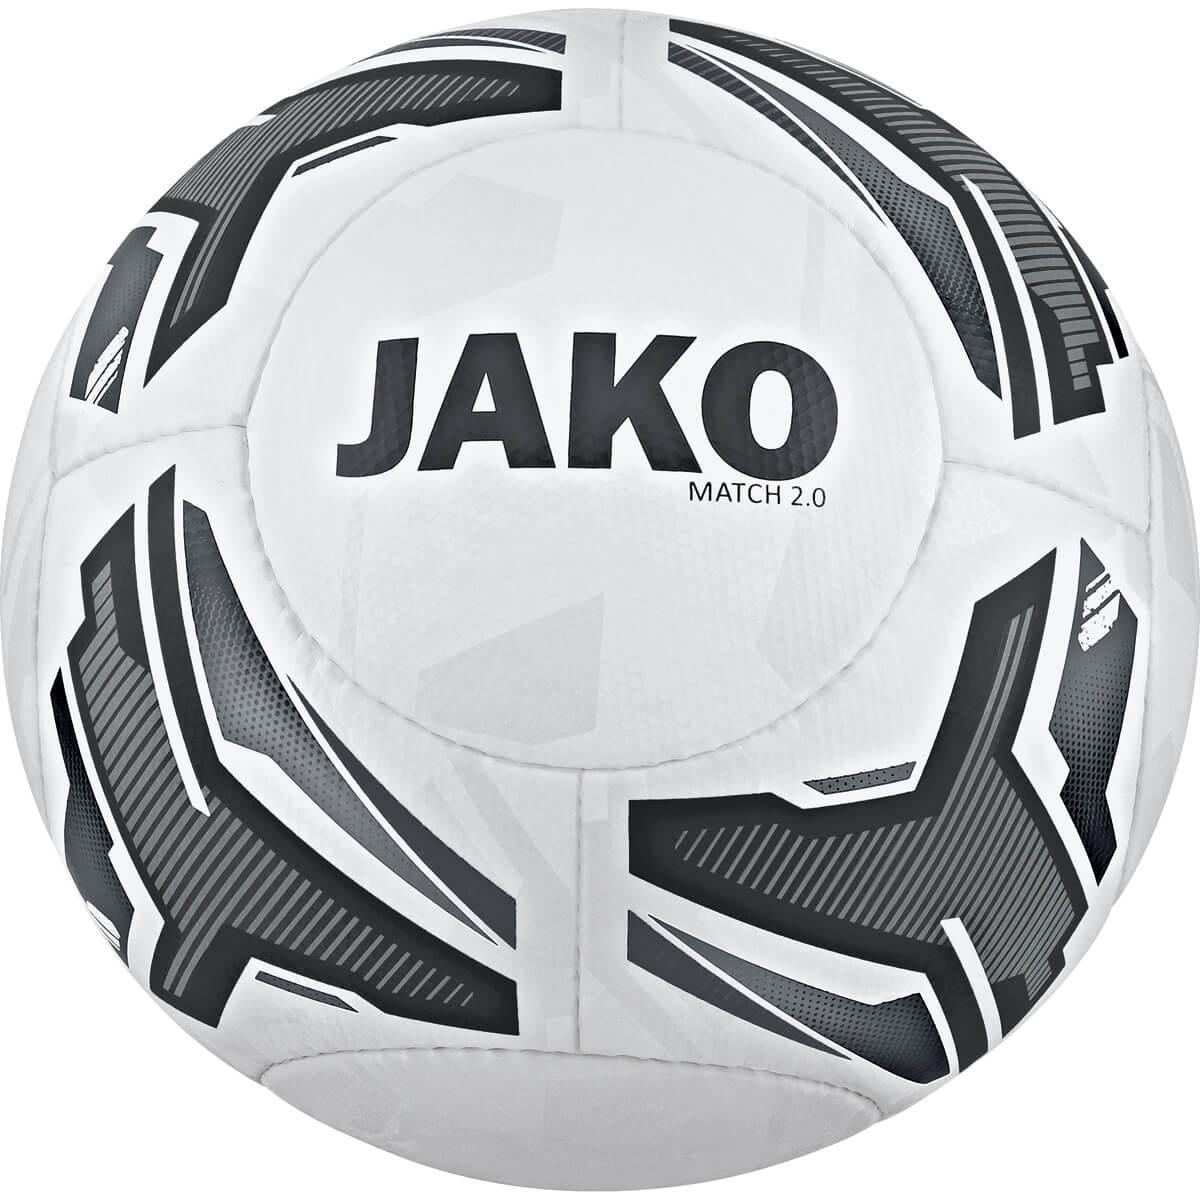 Jako Trainingsball Match 2.0  2329  | div. Größen / Farben